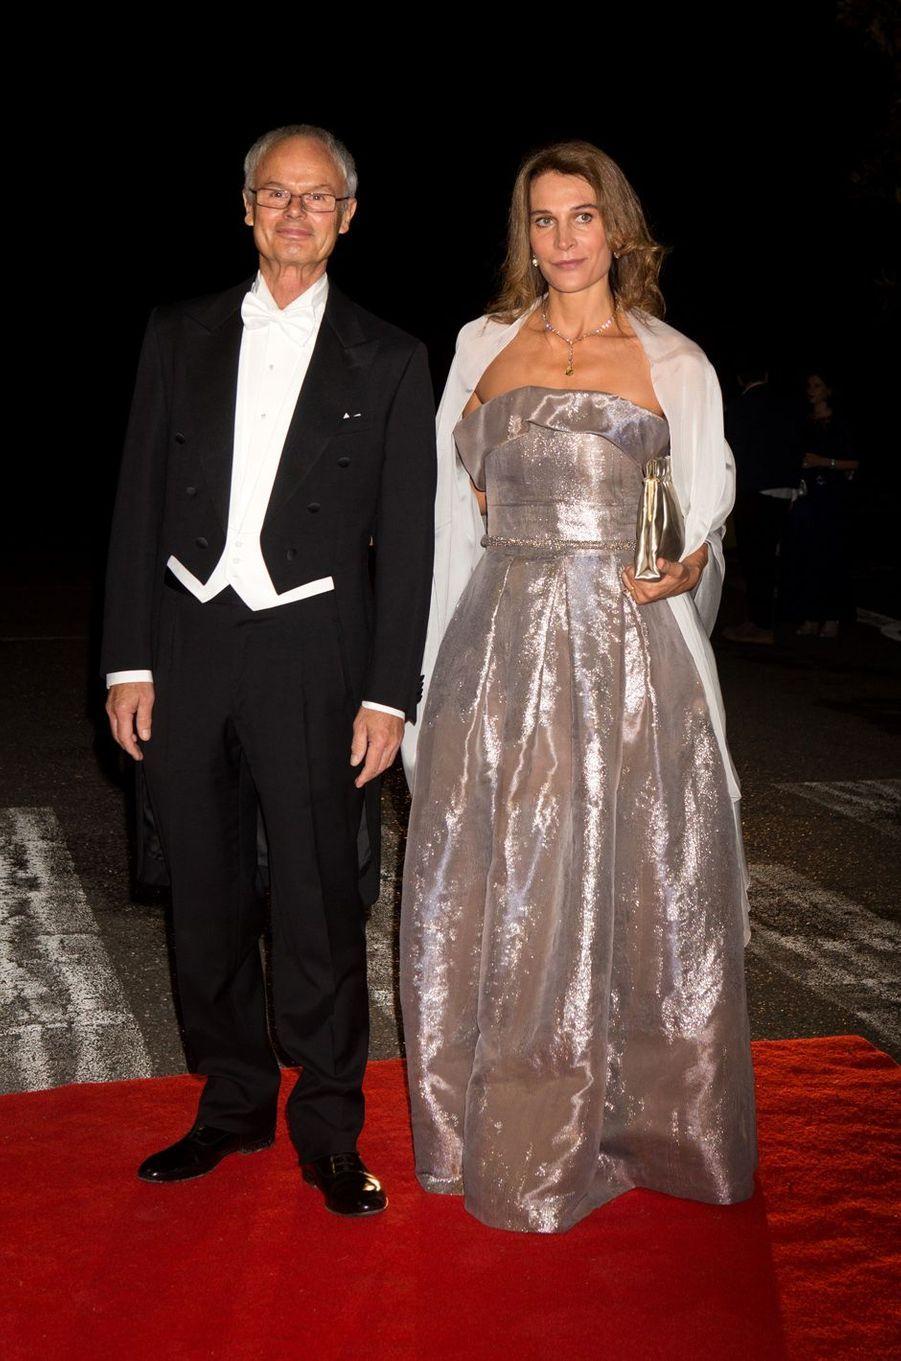 Le prince Alvaro de Orléans-Bourbon et la princesse Antonella de Orléans-Bourbon